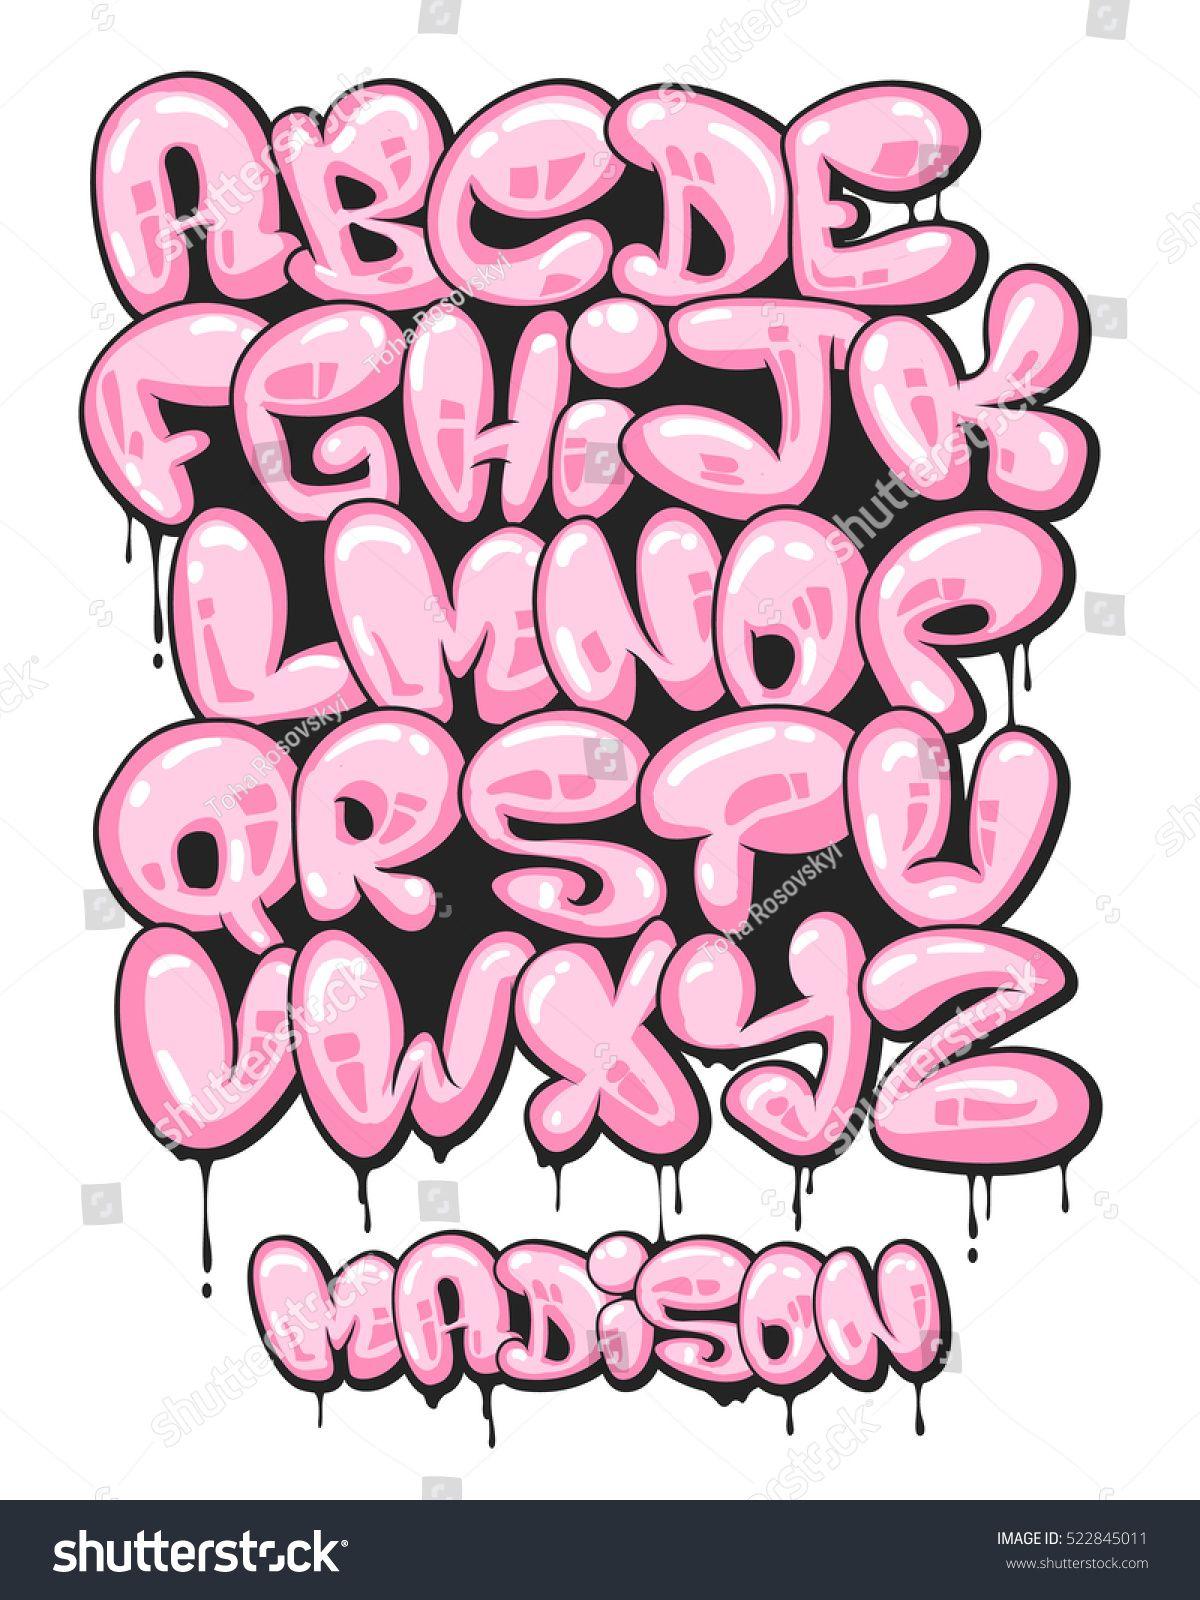 Graffiti Bubble Shaped Alphabet Set